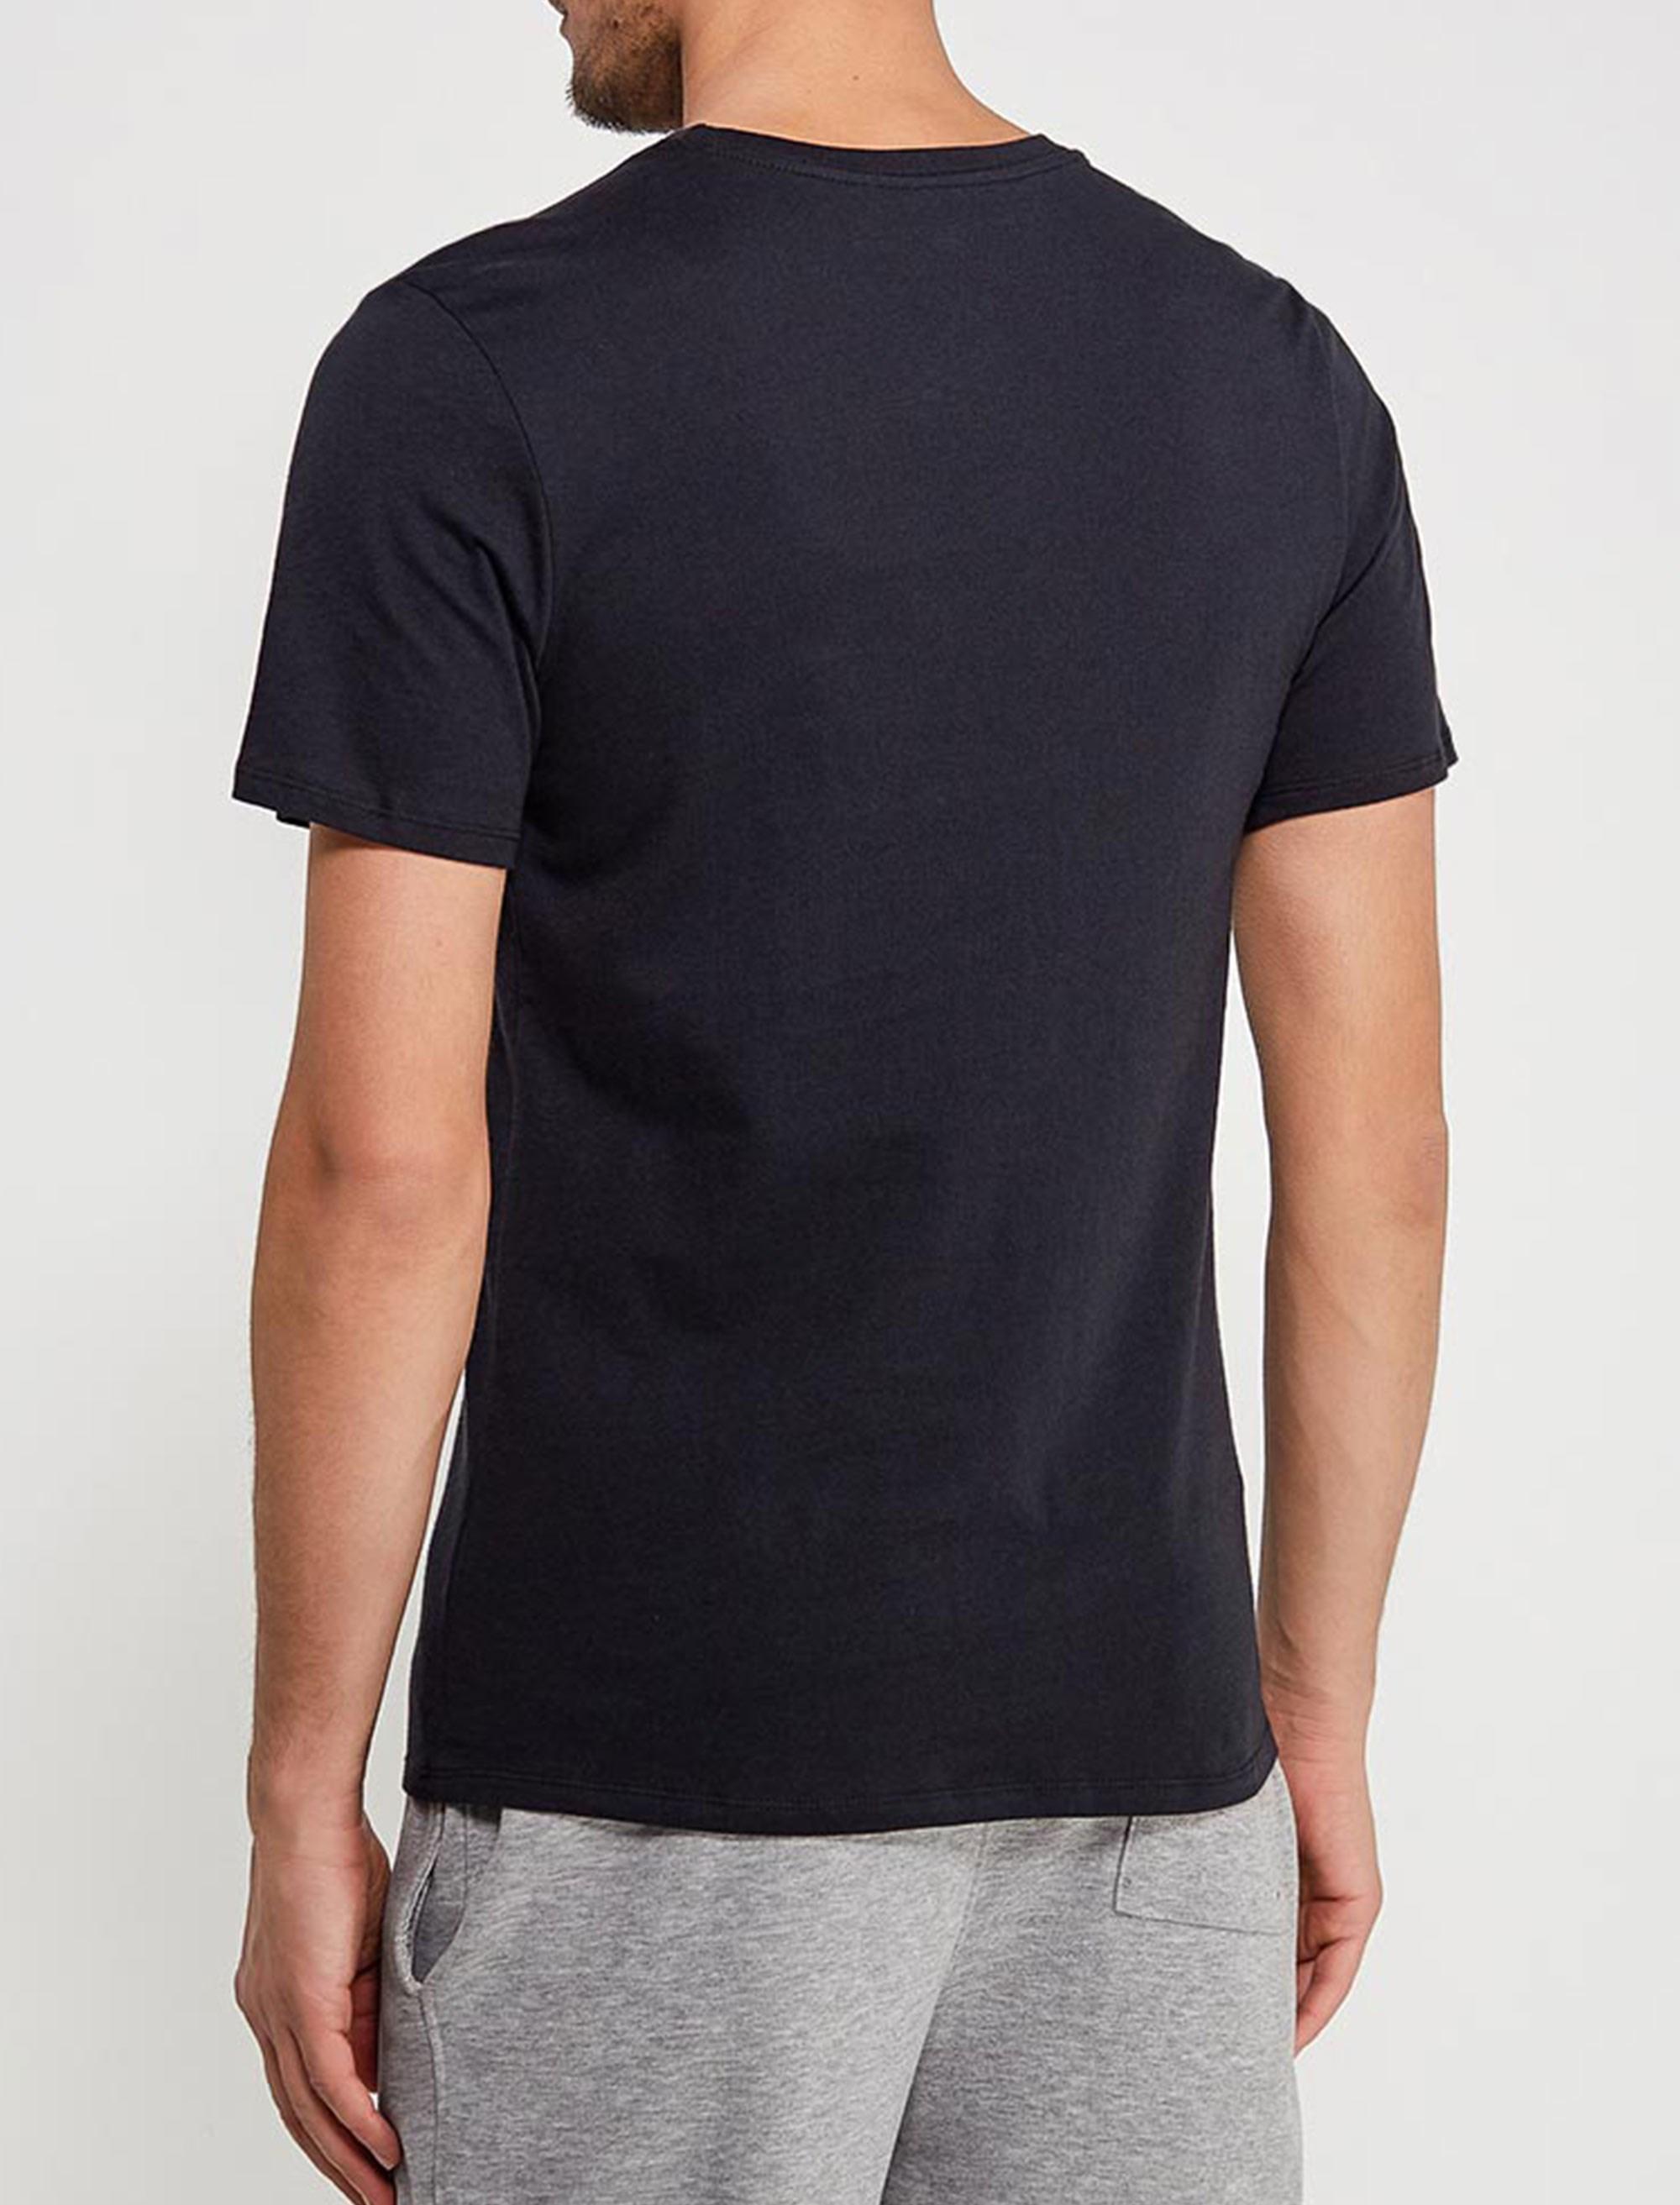 تی شرت نخی یقه گرد مردانه Just Do It - مشکي - 4